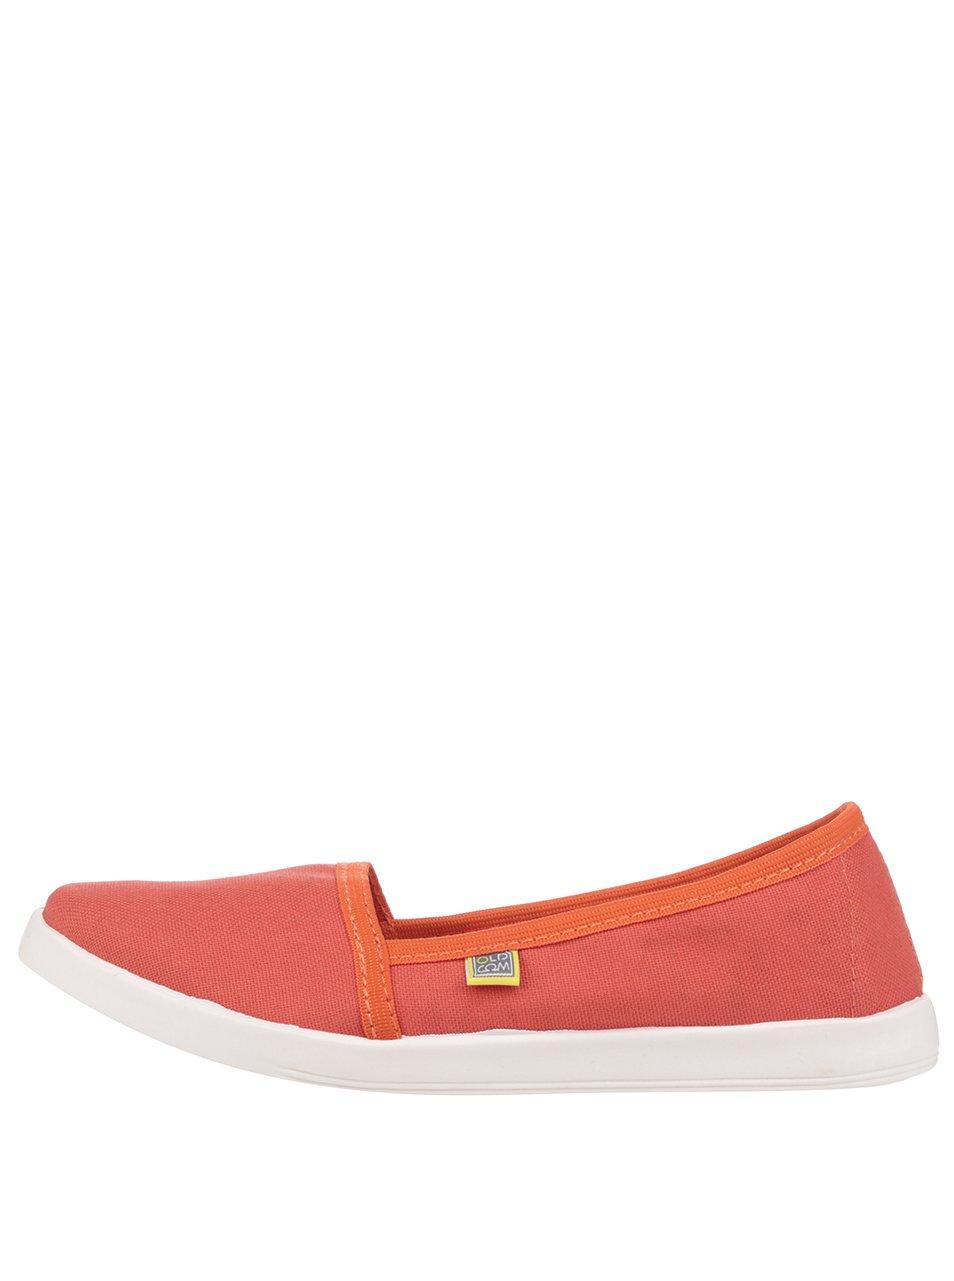 Oranžové dámské loafers Oldcom Canvas